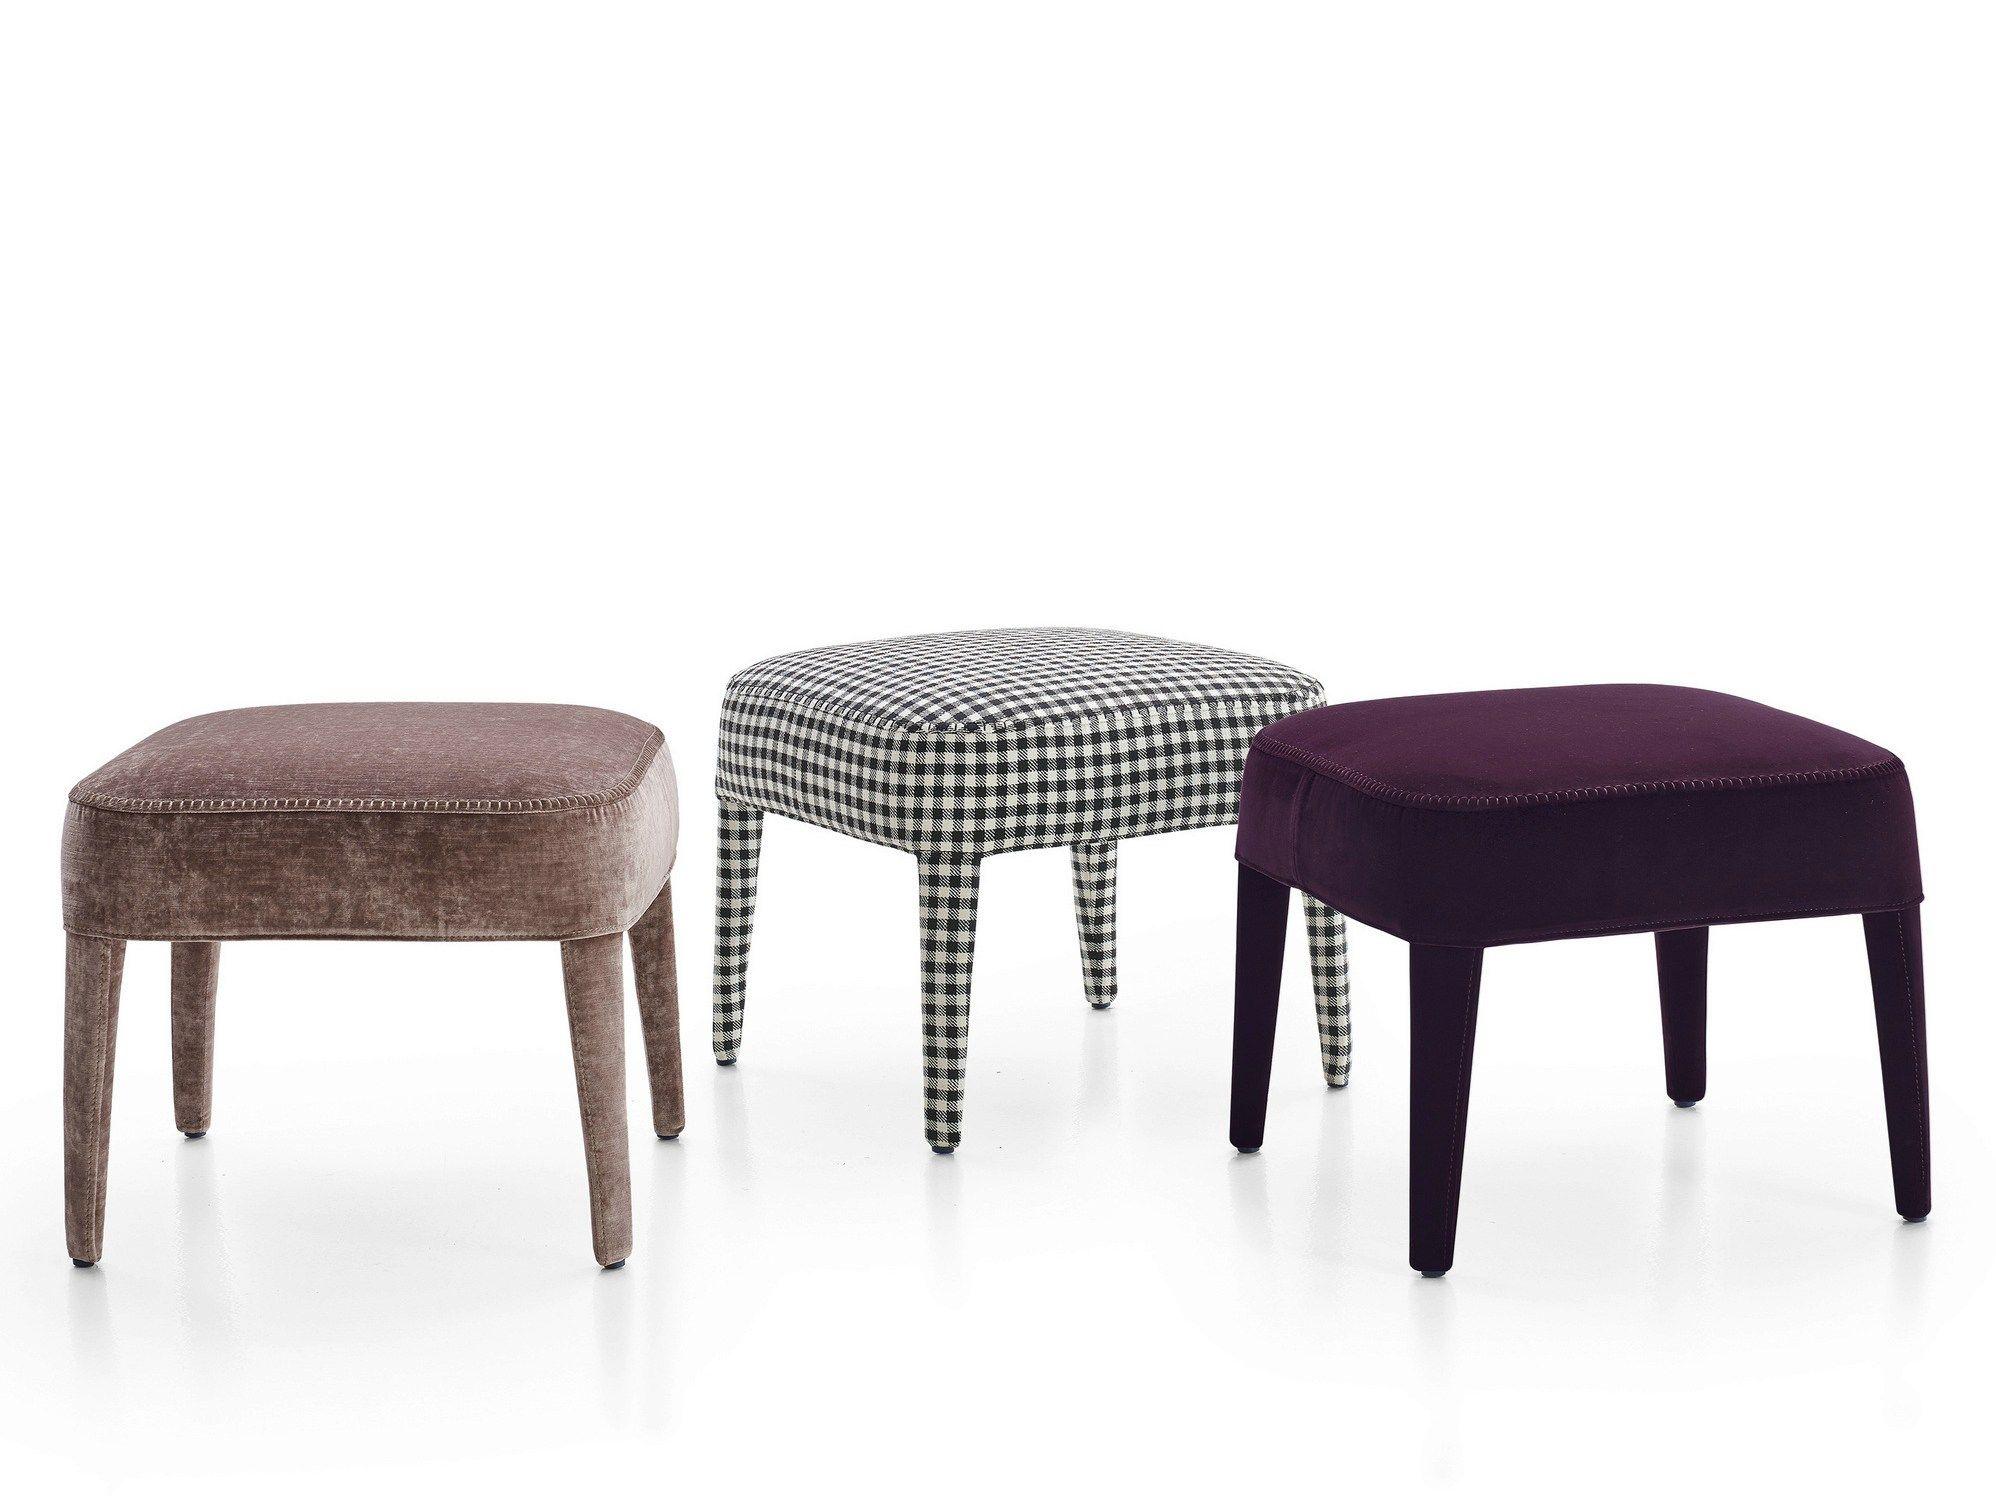 febo pouf imbottito by maxalto a brand of b b italia spa design antonio citterio. Black Bedroom Furniture Sets. Home Design Ideas